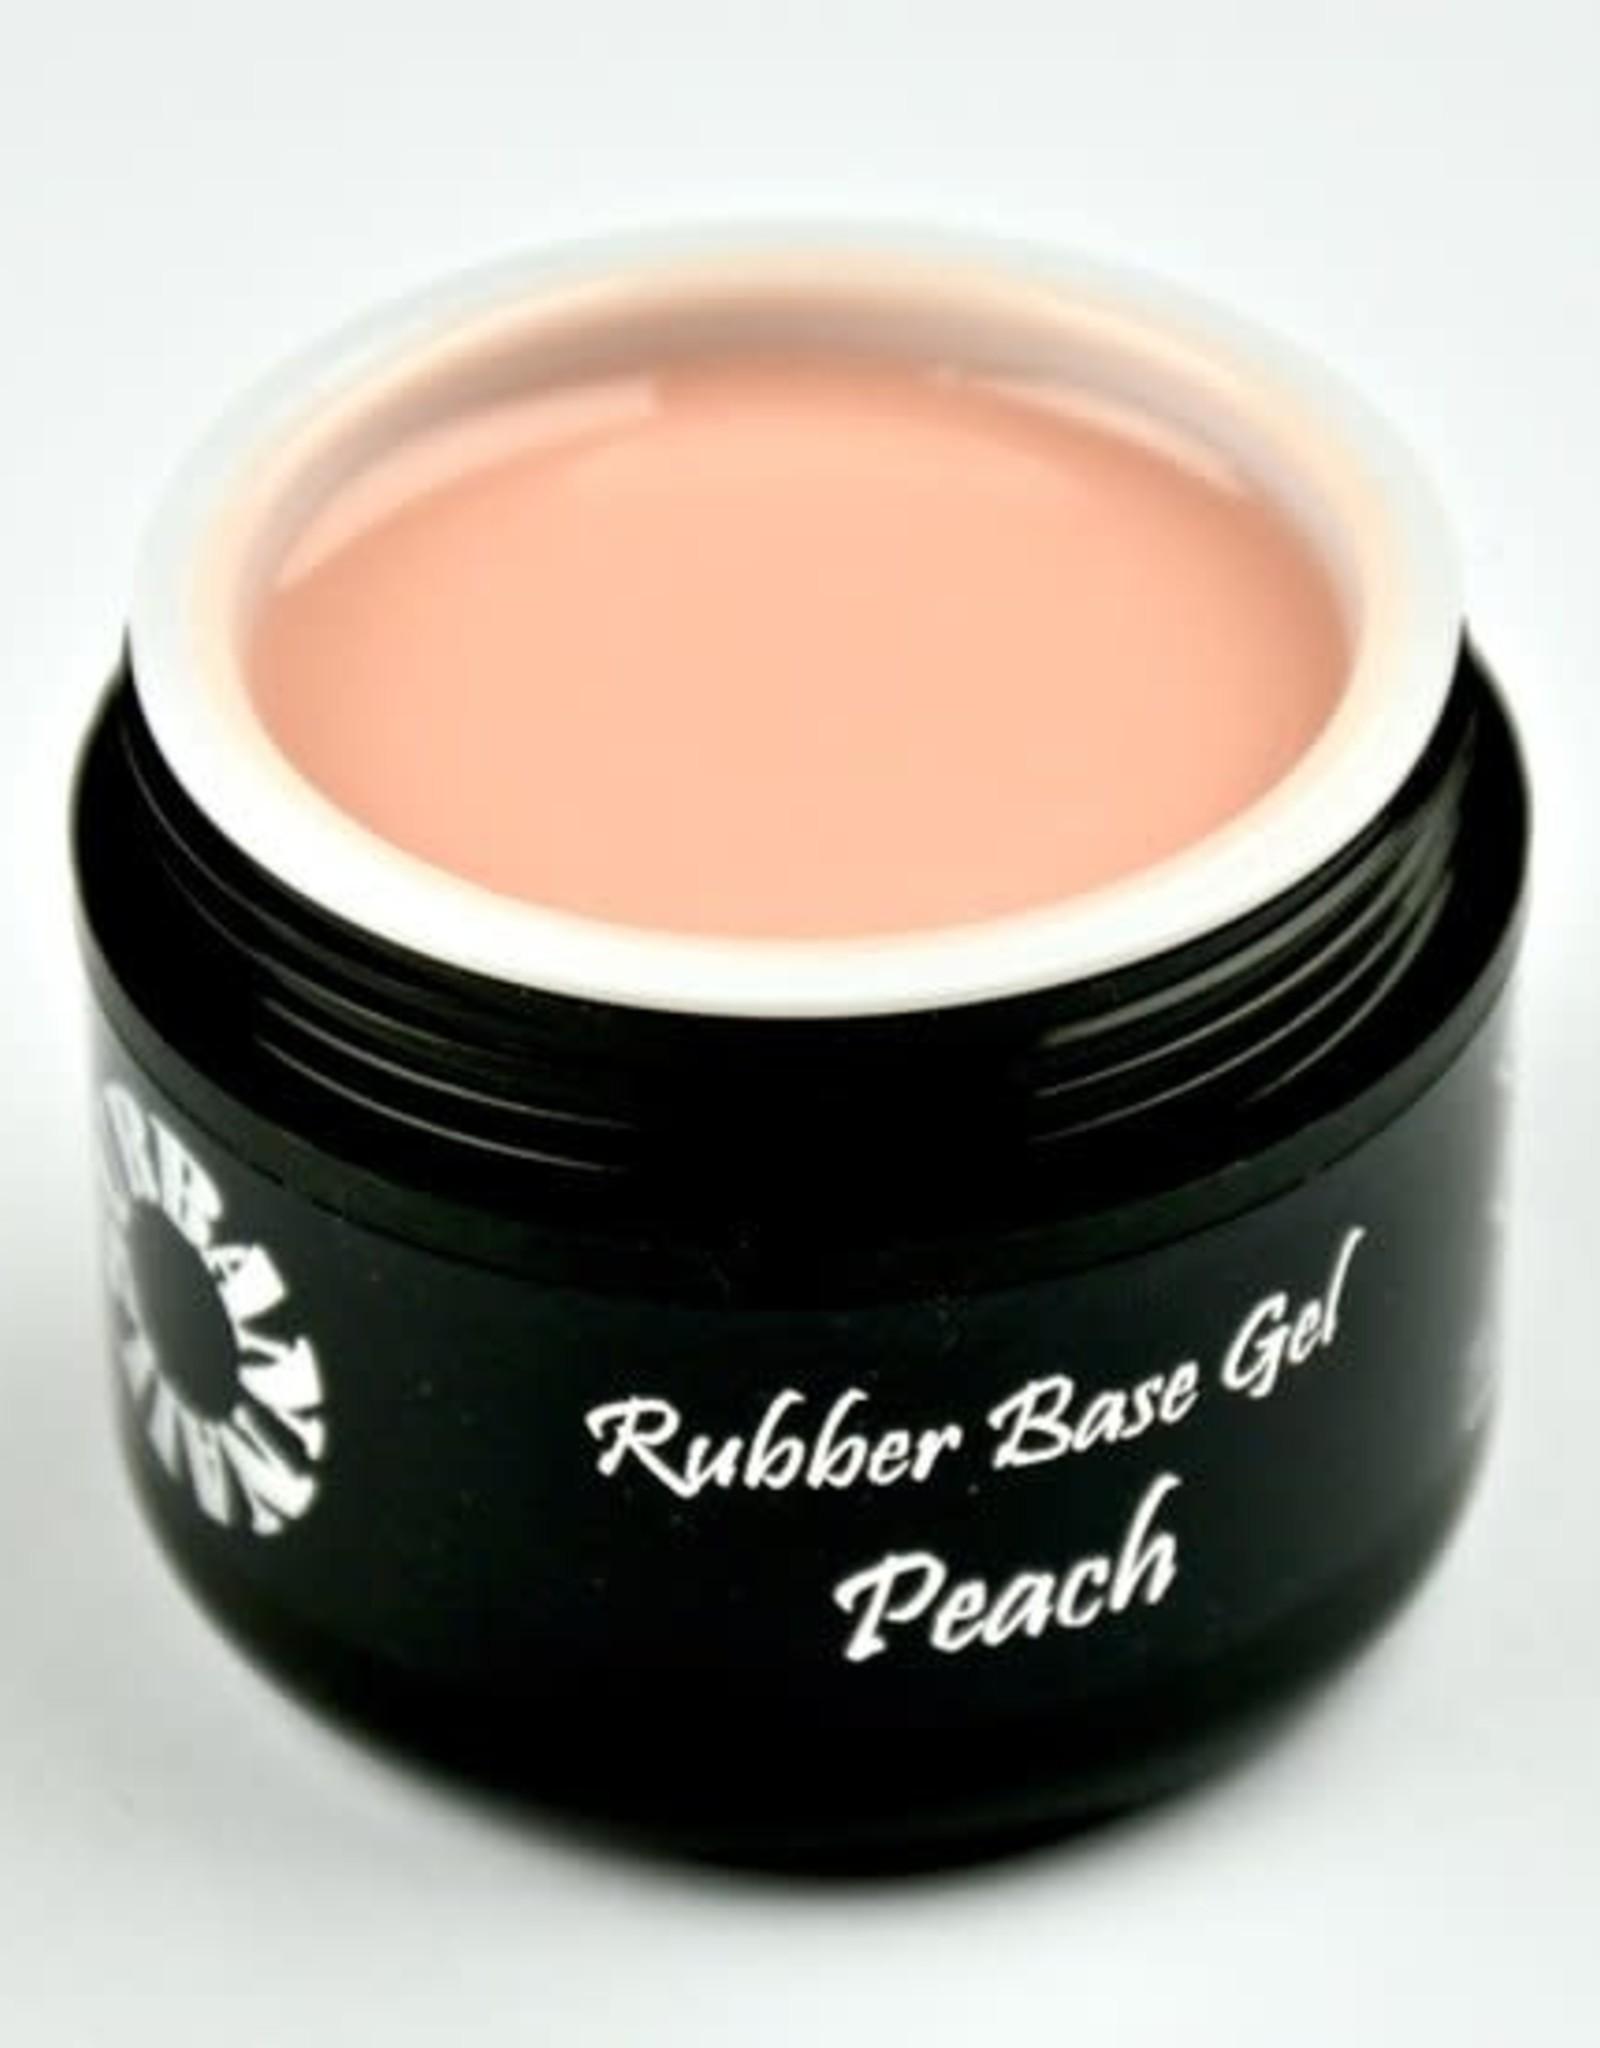 Urban Nails Rubber Base Peach